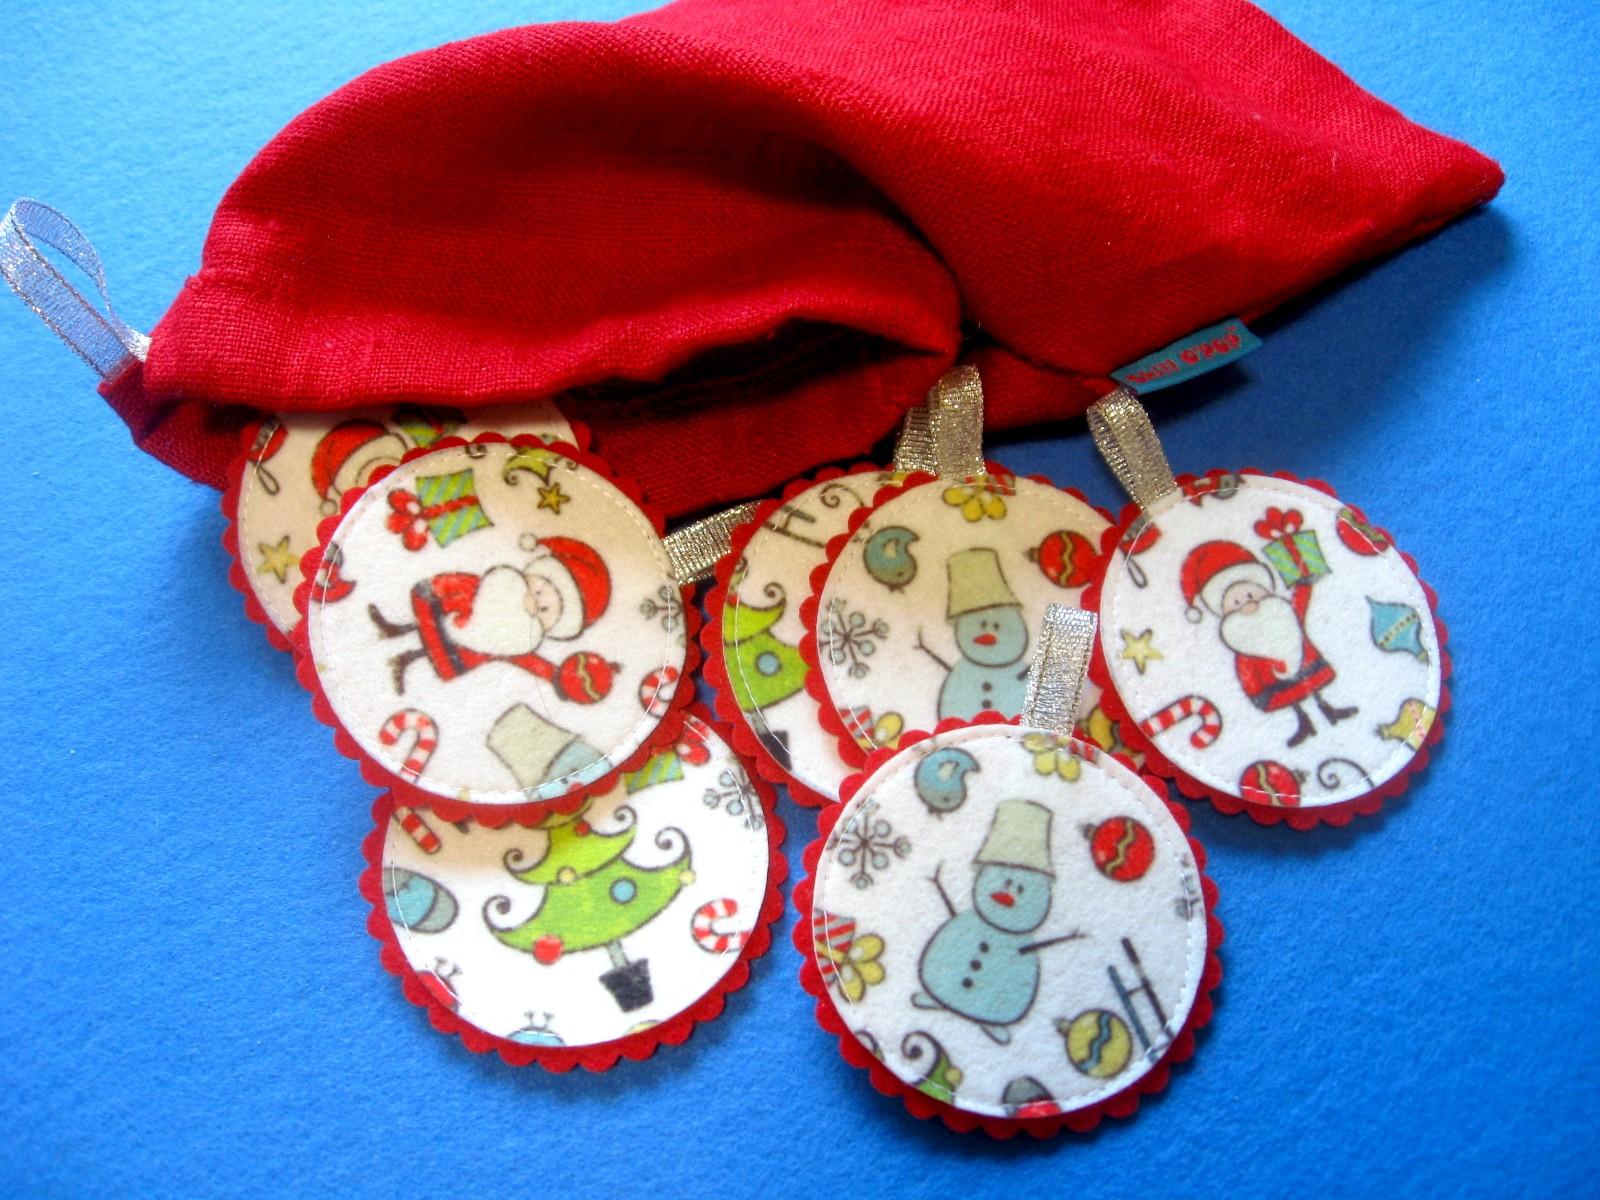 мемори фетр развивающие игрушки для детей ручная работа своими руками